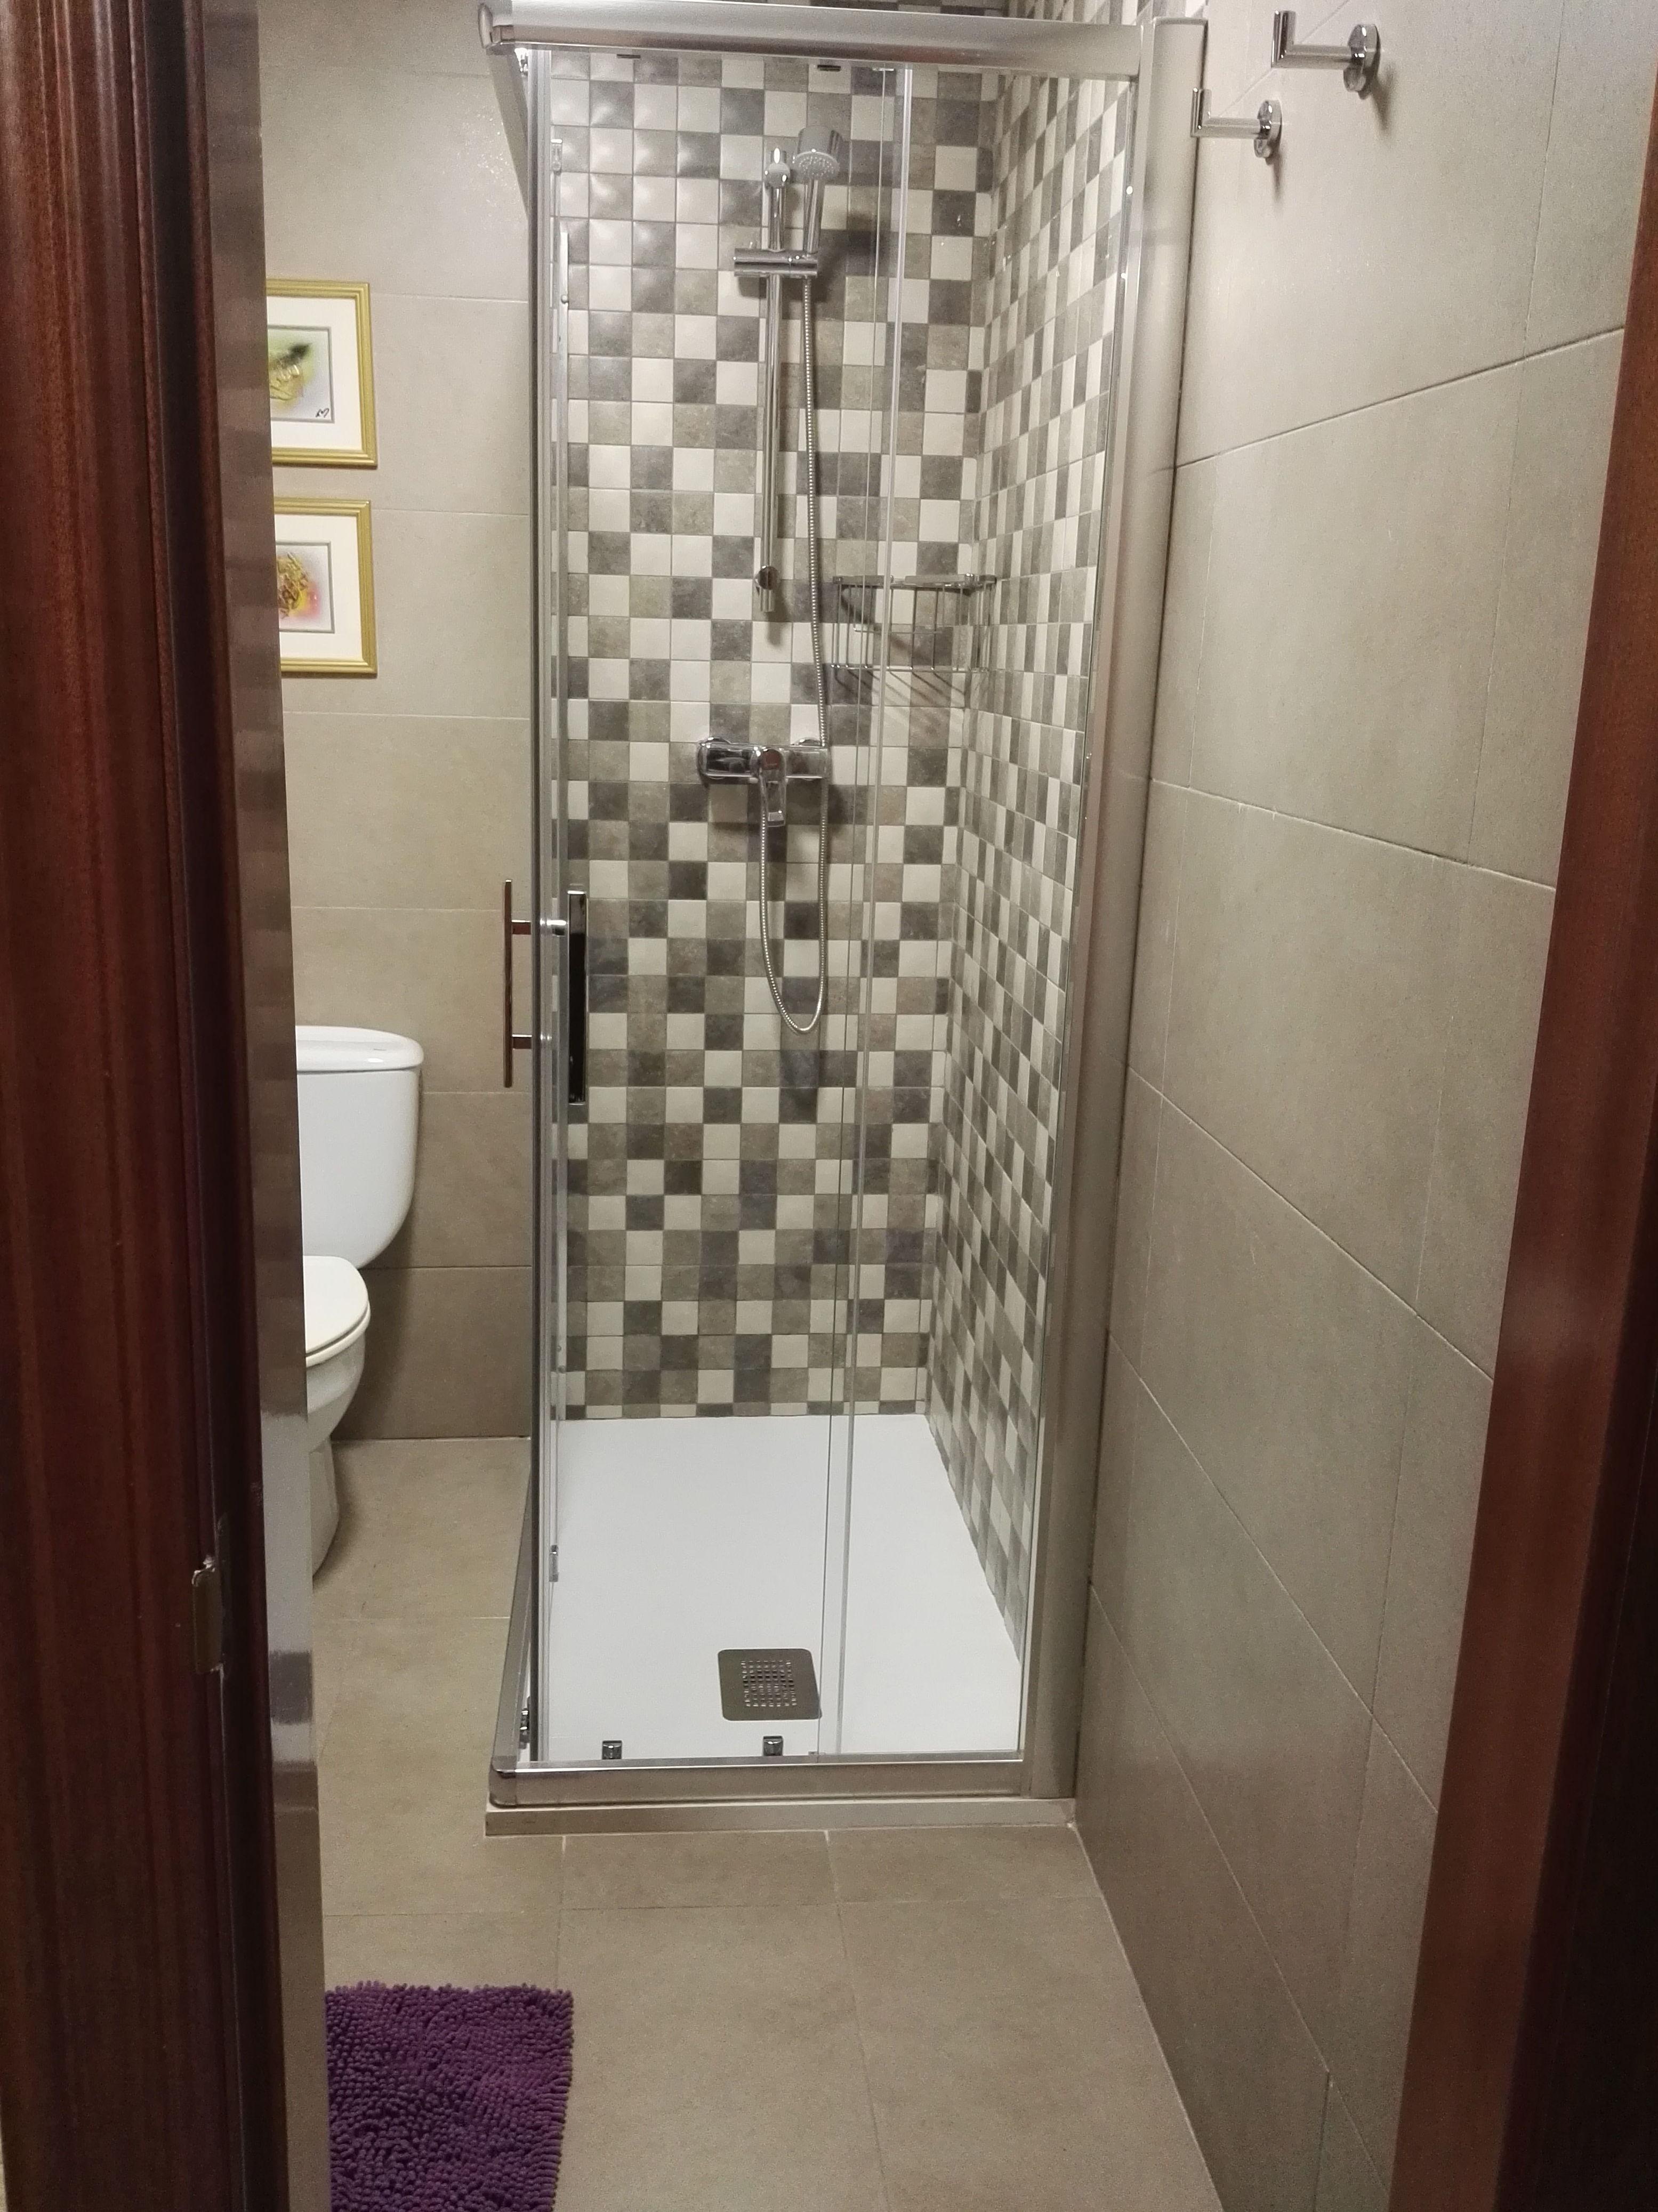 Foto 50 de Reformas en baños y cocinas en Trobajo del Camino | F. Alba, cocinas y baños